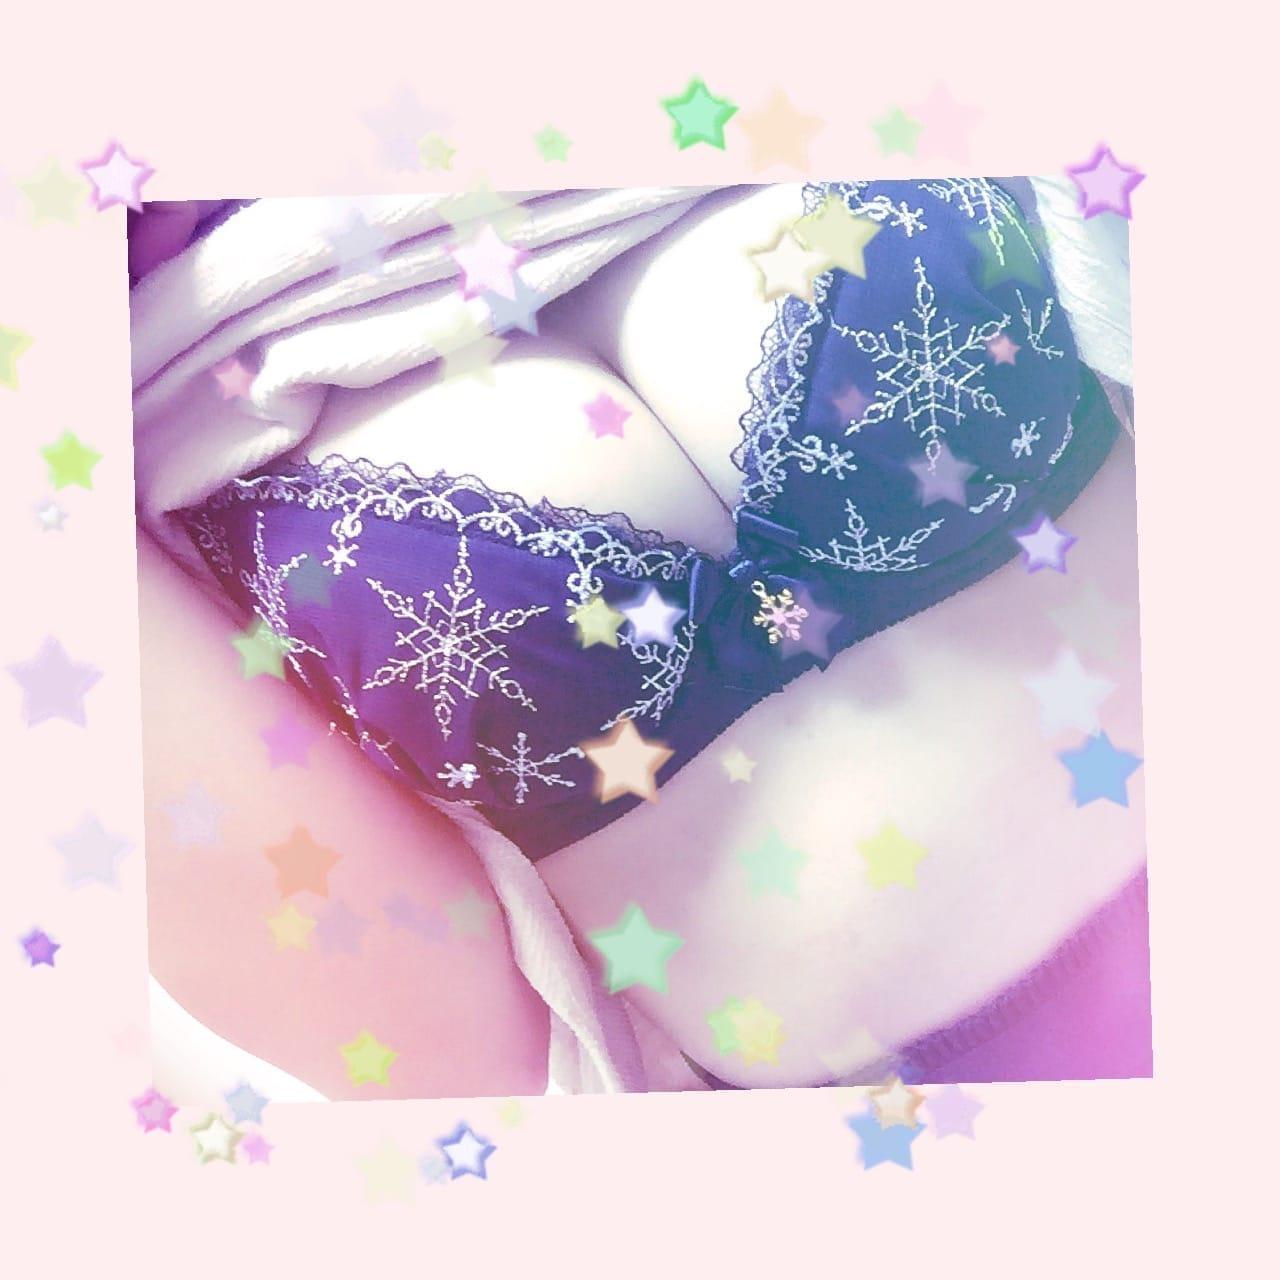 「おはようございます」03/02(03/02) 17:40   りりこ先生の写メ・風俗動画